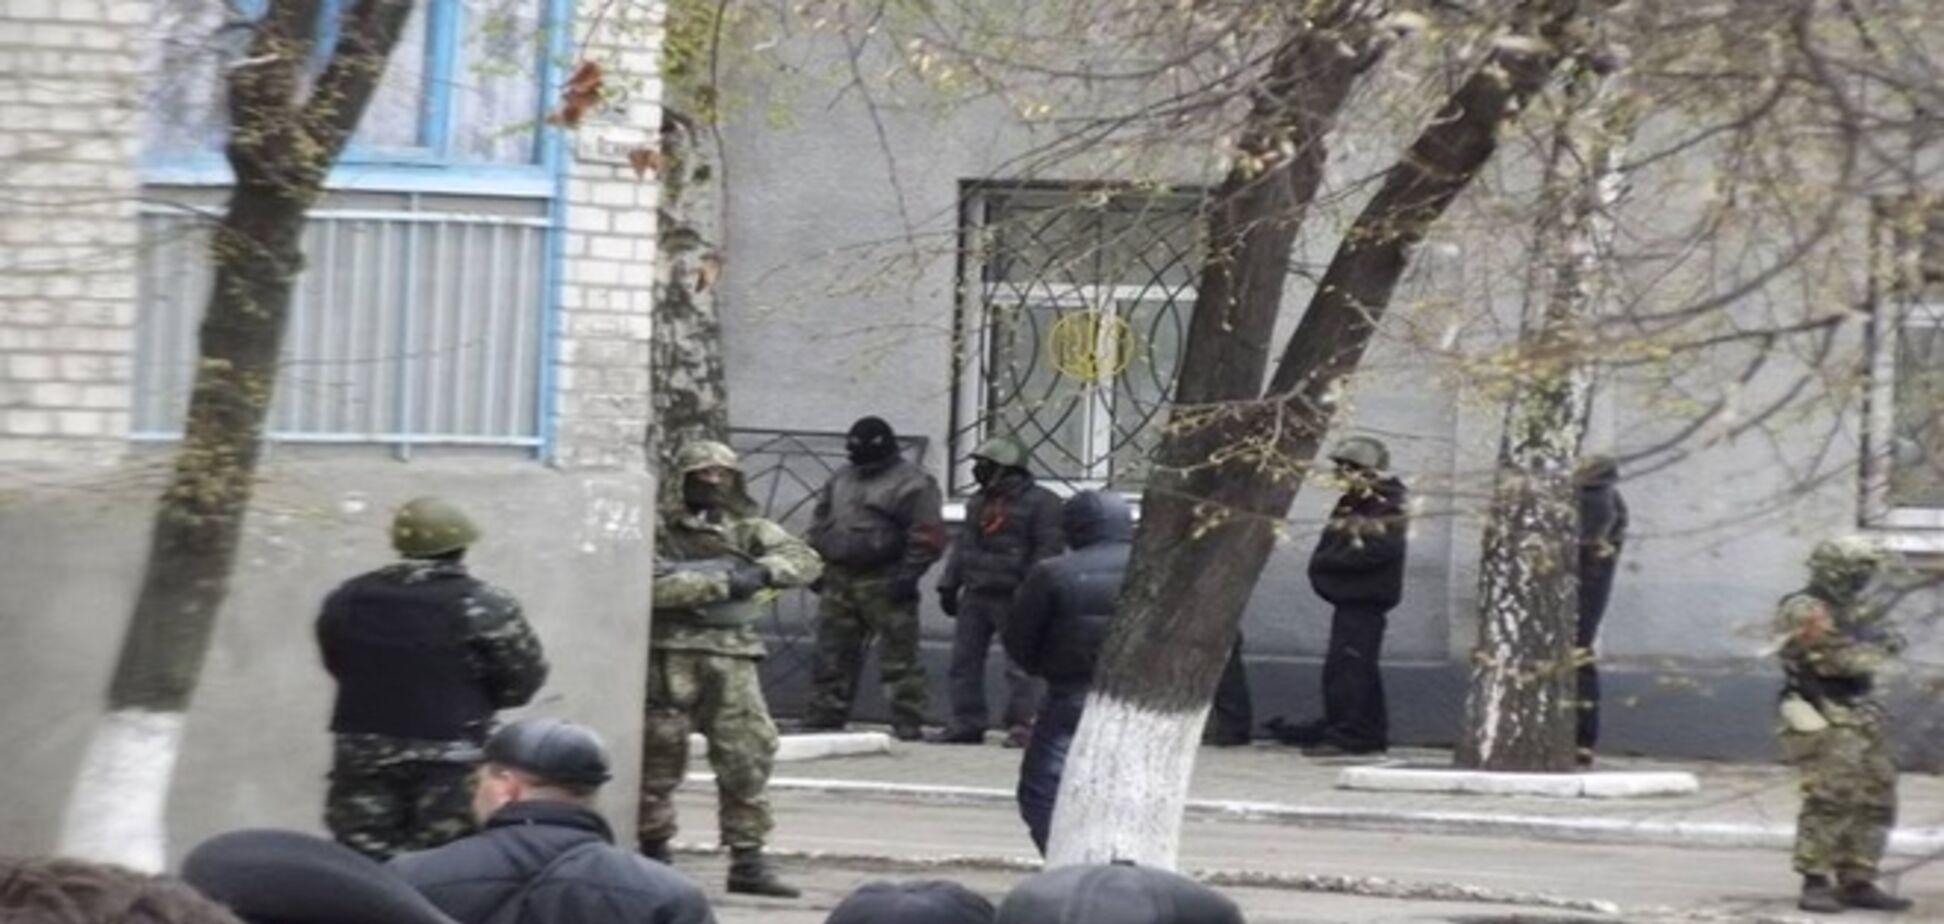 Пособники террористов захватили горотдел милиции в Красноармейске